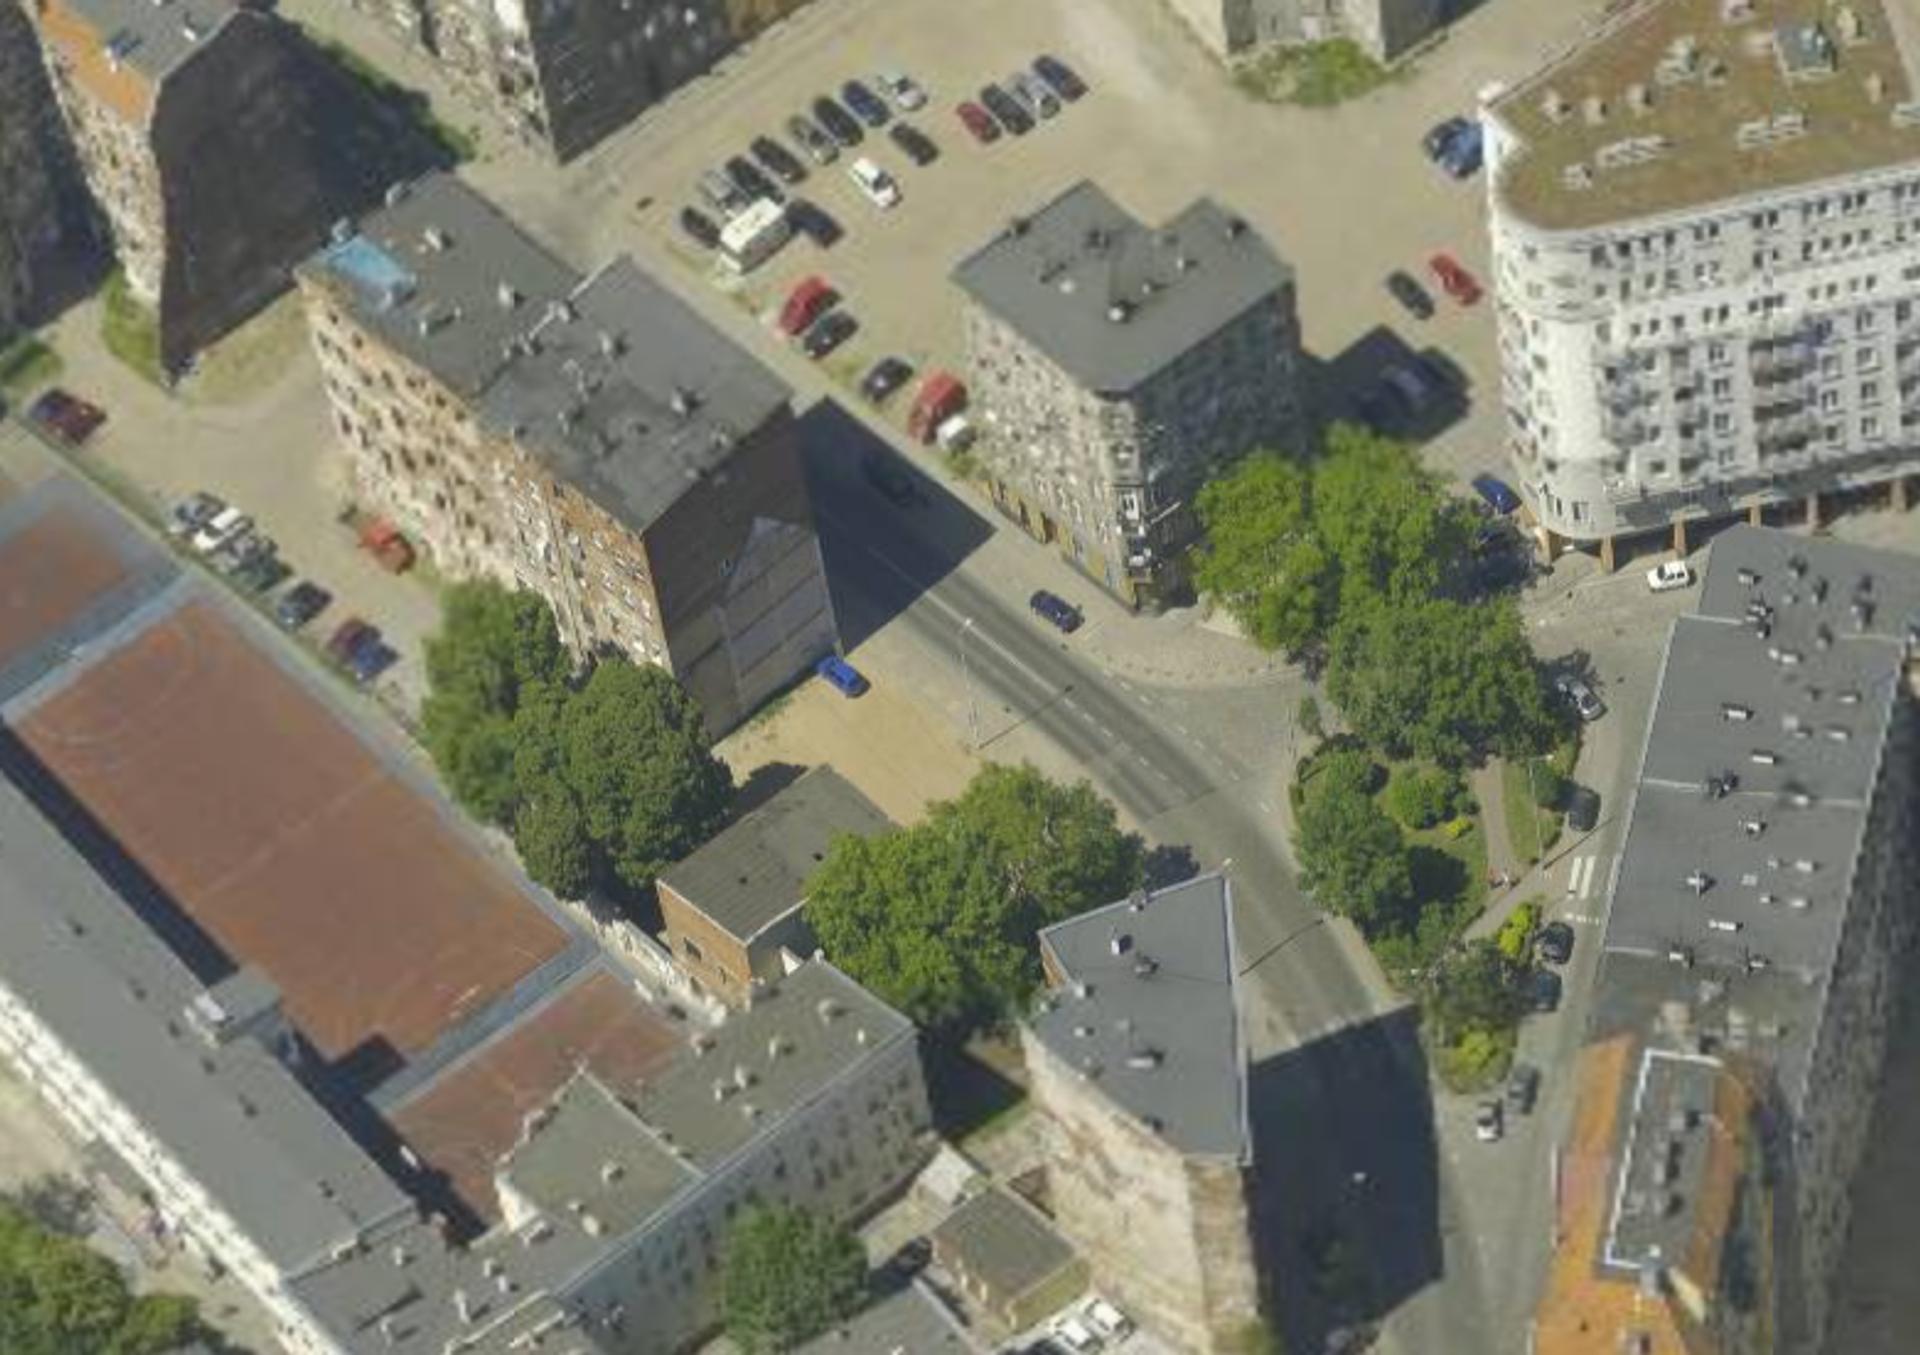 Wrocław: Miasto sprzedaje zabytkową nieruchomość na Nadodrzu